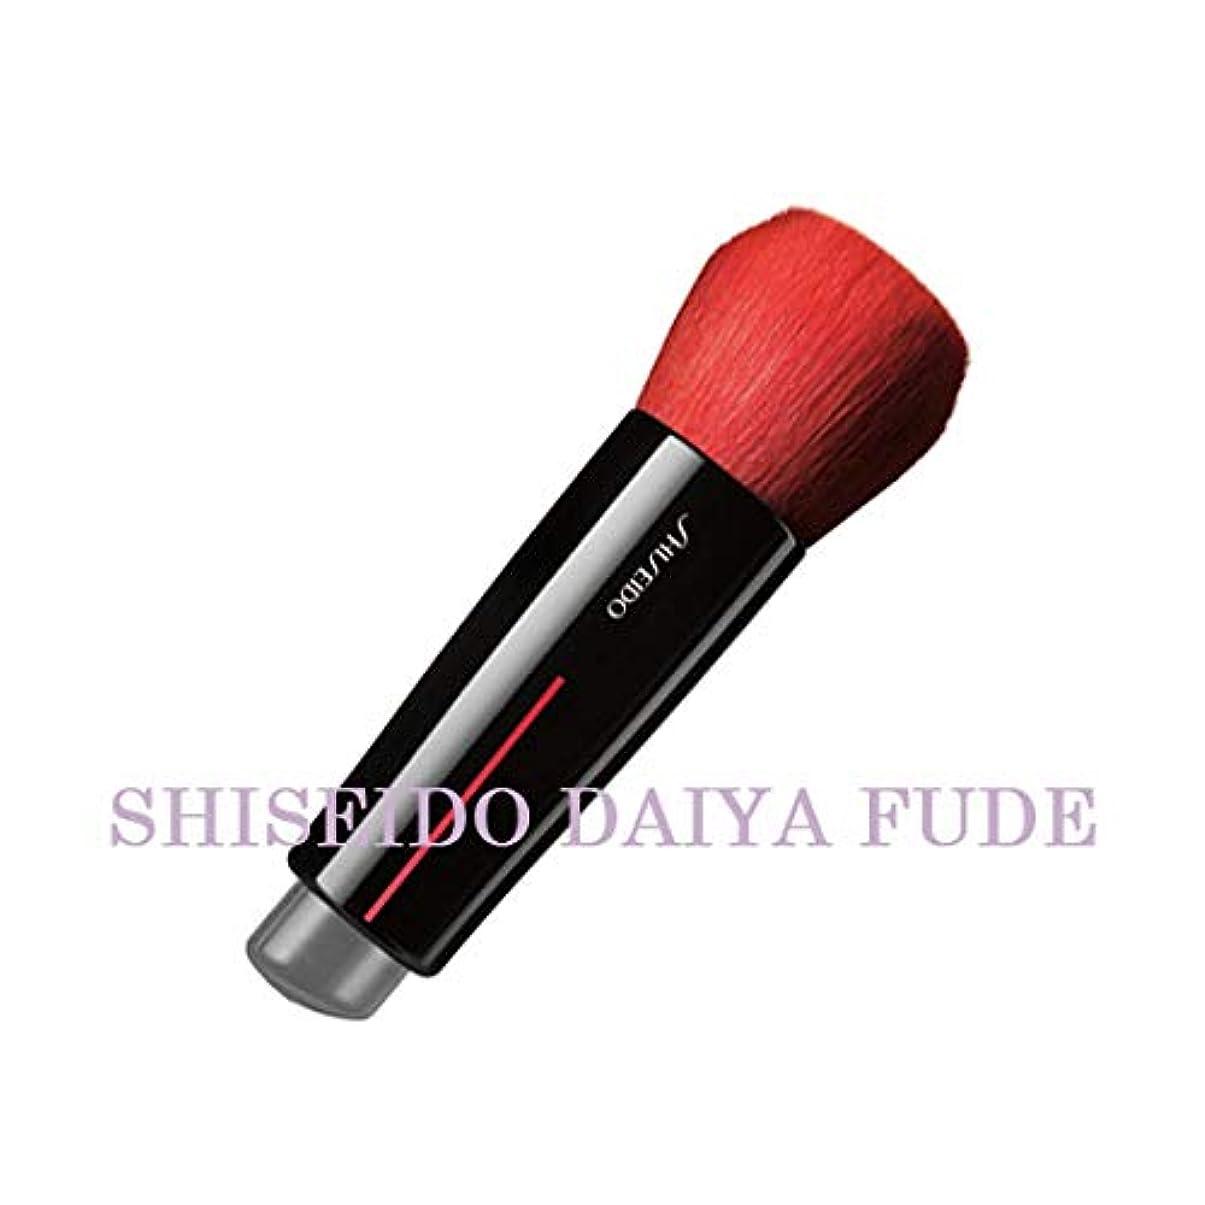 レオナルドダほこり歌詞SHISEIDO Makeup(資生堂 メーキャップ) SHISEIDO(資生堂) SHISEIDO DAIYA FUDE フェイス デュオ